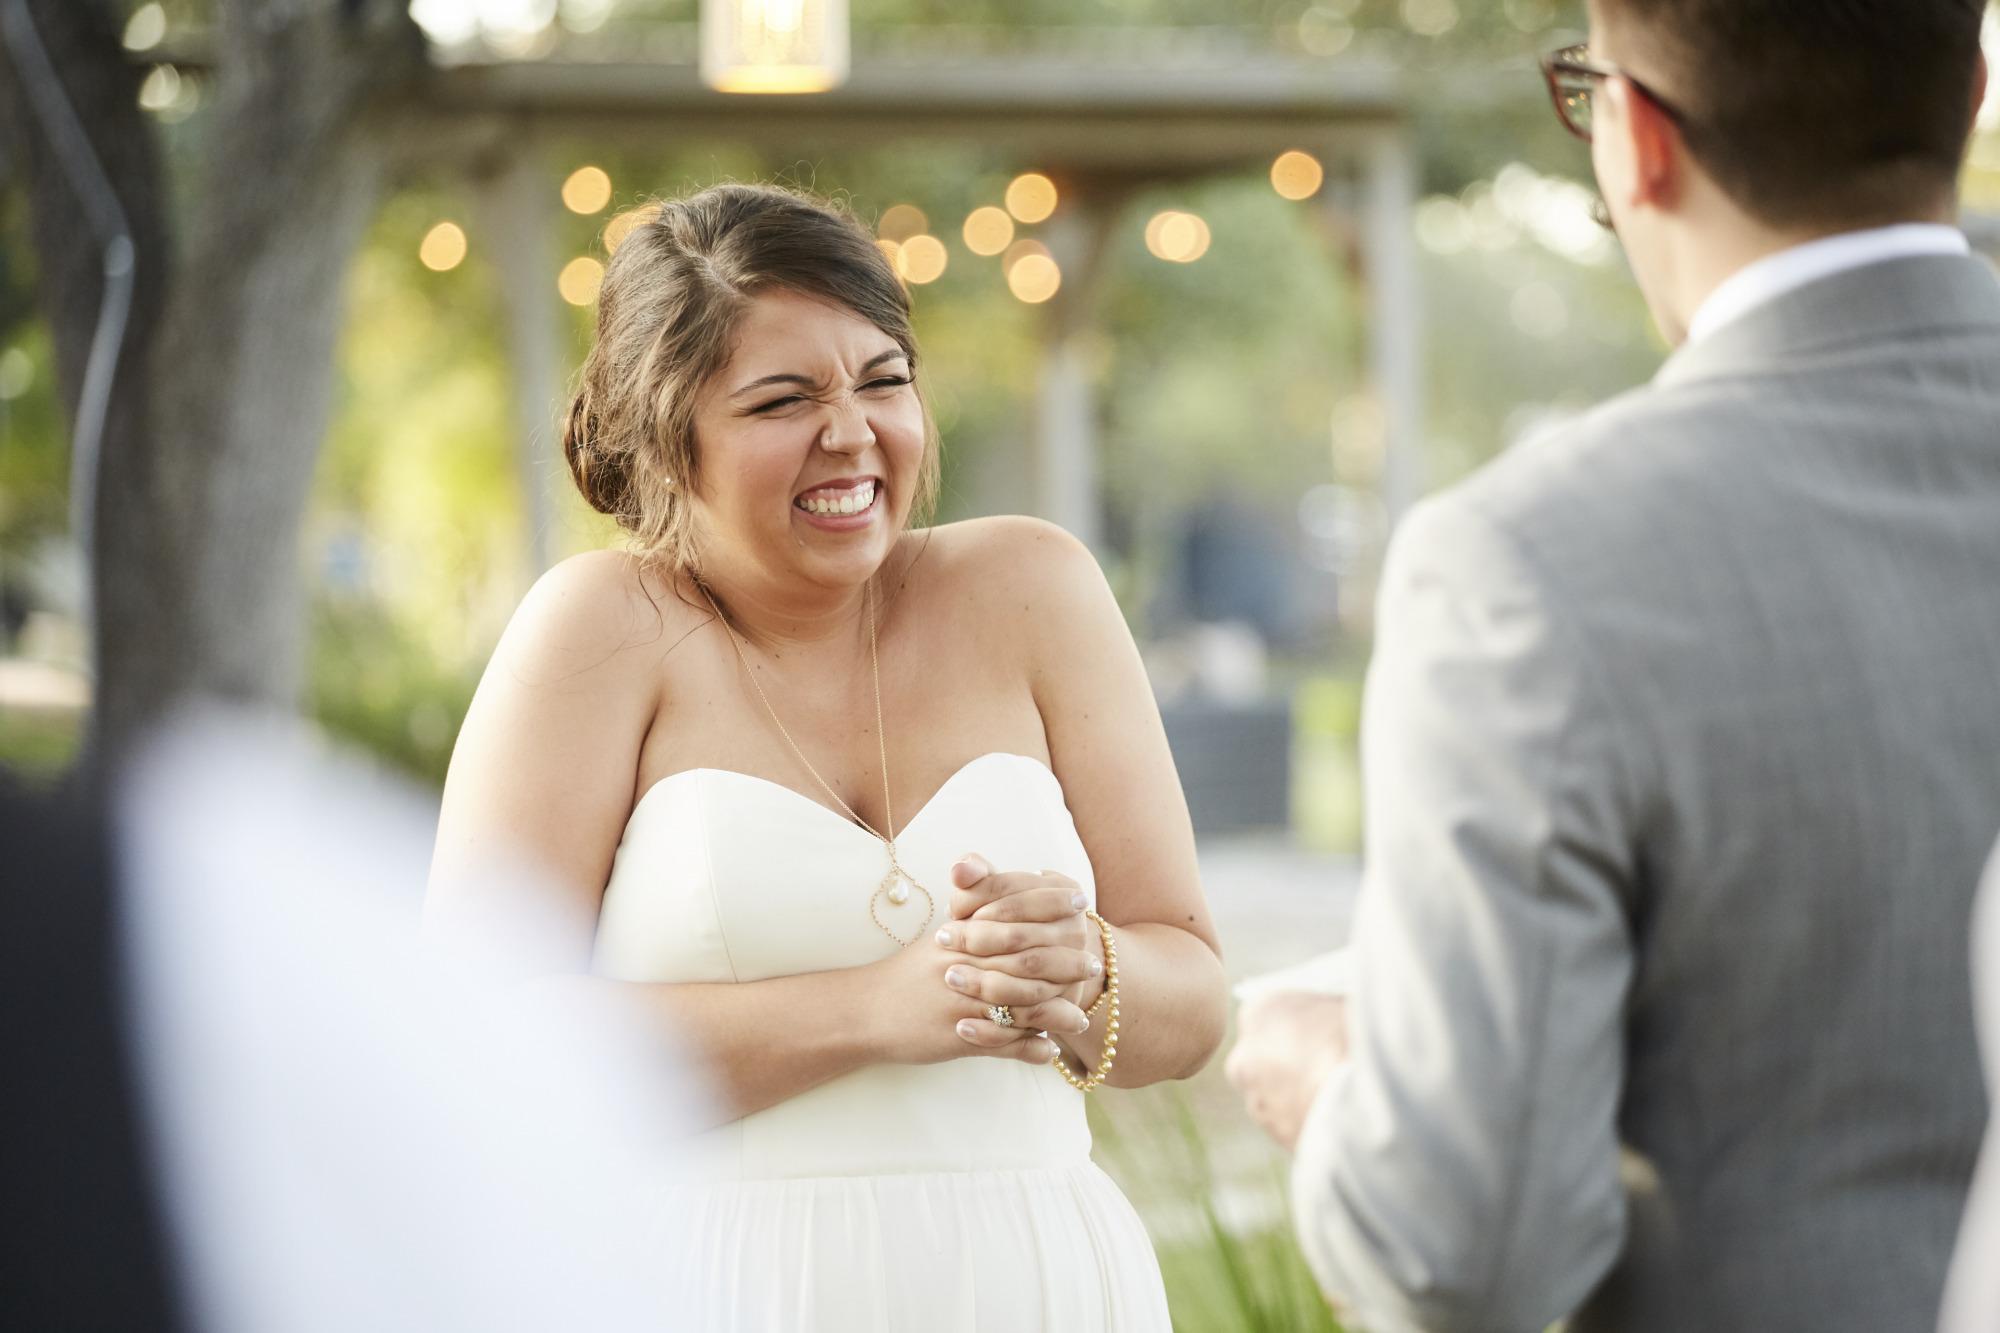 Happy Bride, Wedding, Stonehouse Villas, Dripping Springs